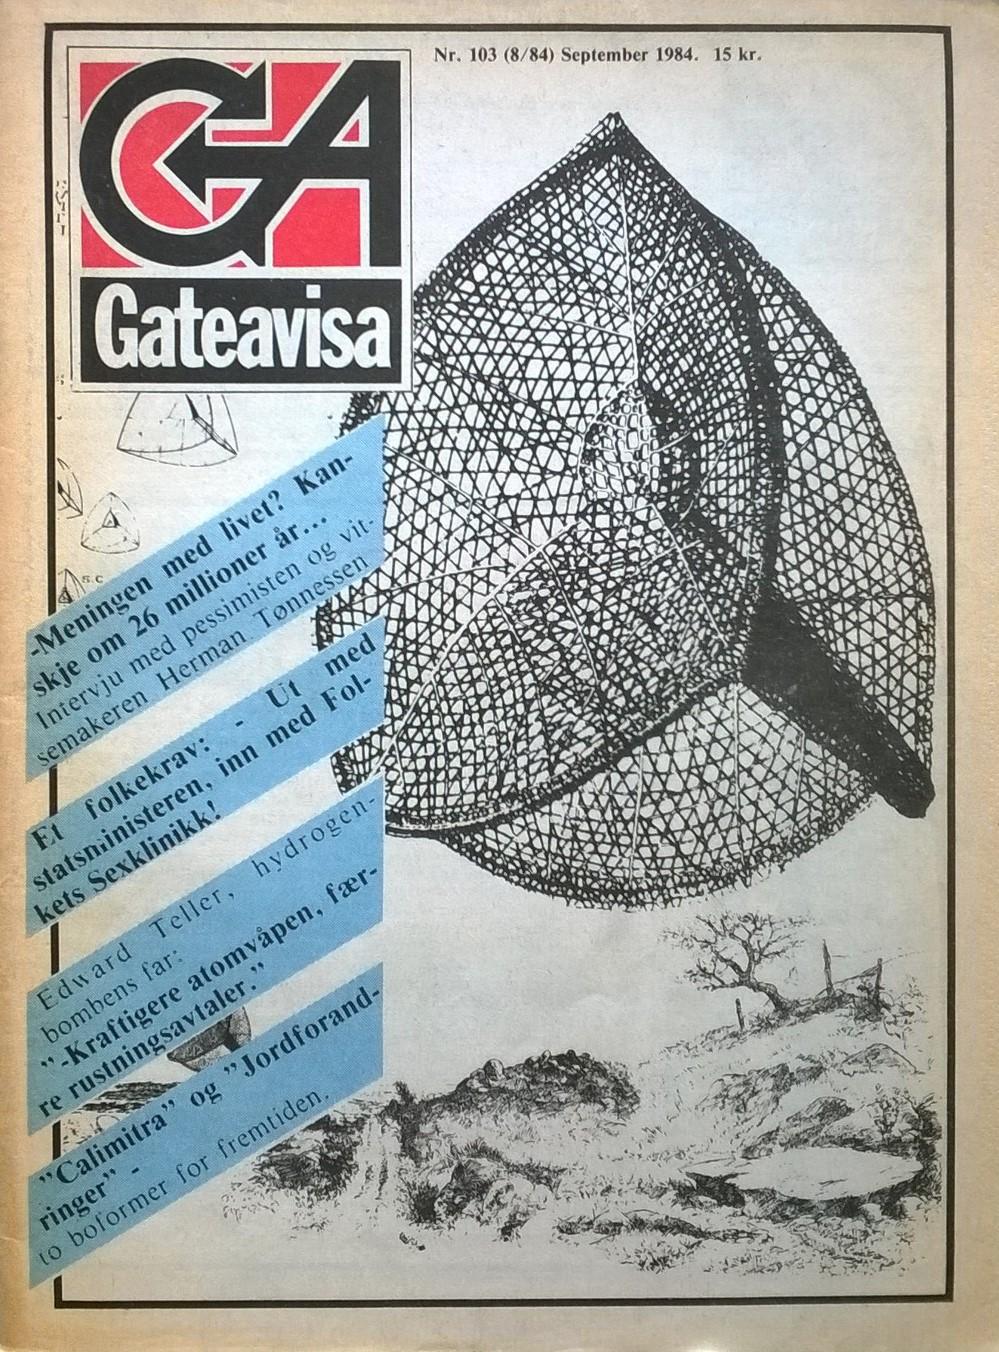 Engh, Audun, Geir T.H. Eriksen, Jon Erland Madsen, Eli Seglen, Inger Østenstad (red.) Gateavisa, nr. 8 1984